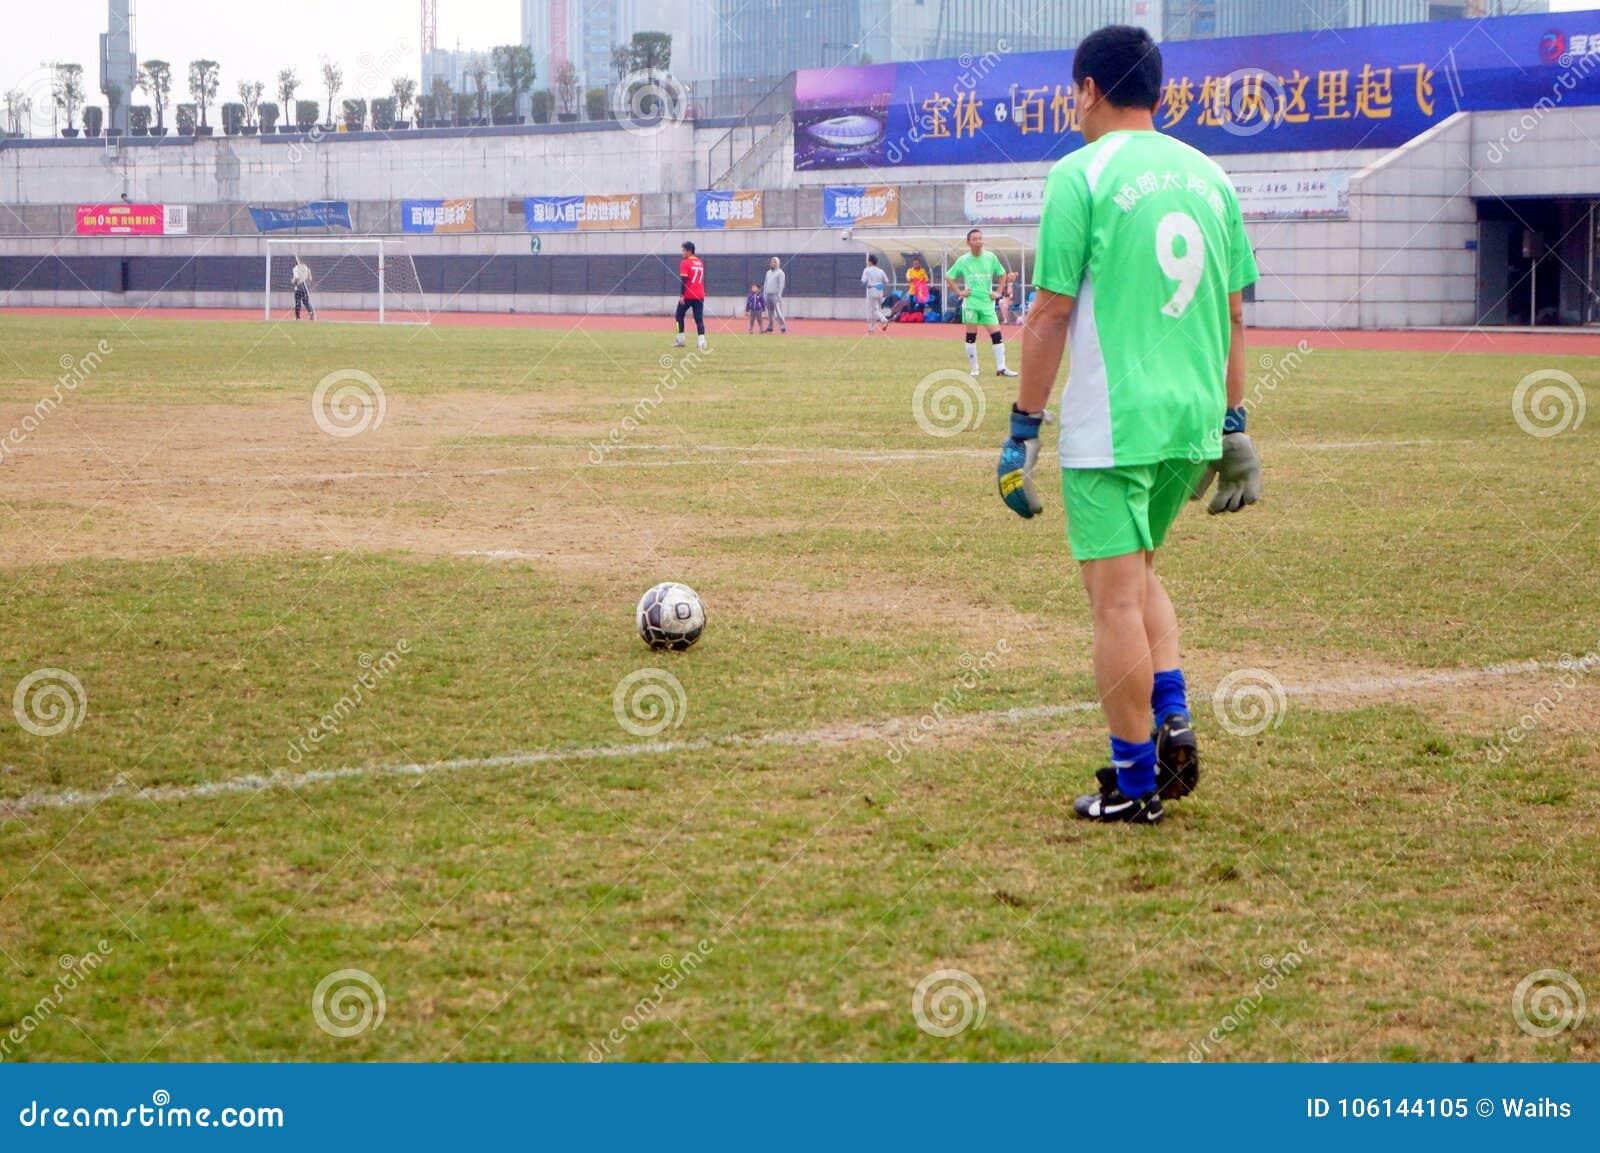 深圳,中国:在持续的足球比赛